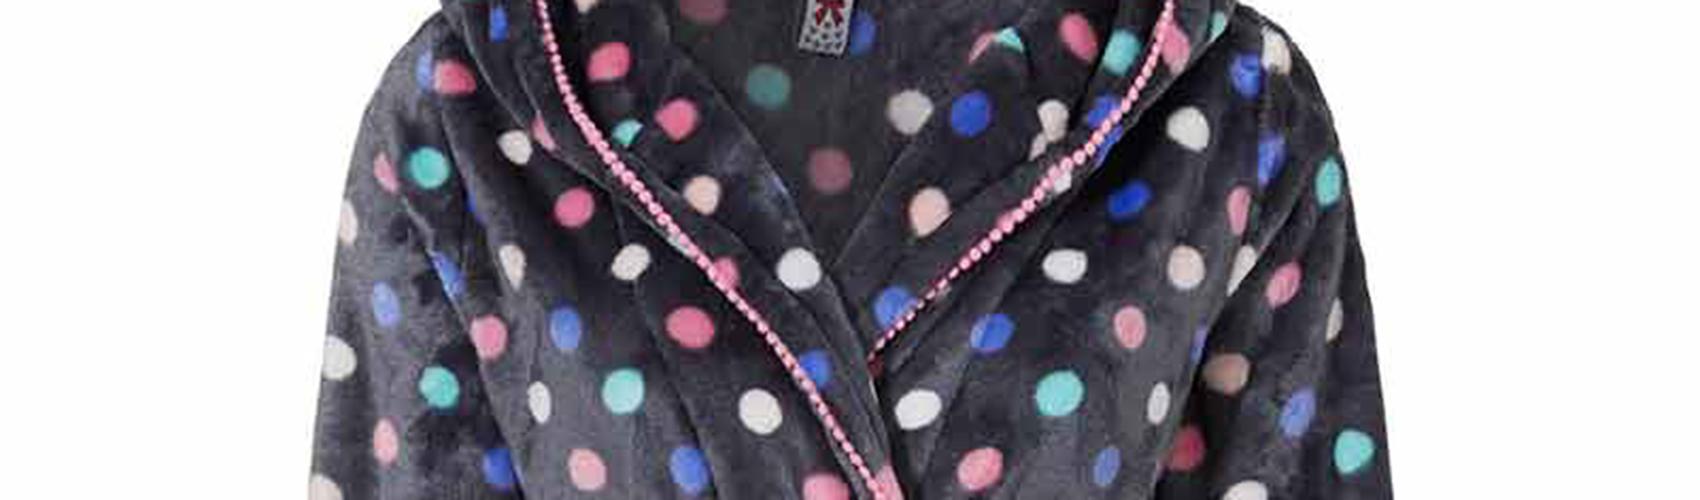 Trendy badjassen met leuke ontwerpen